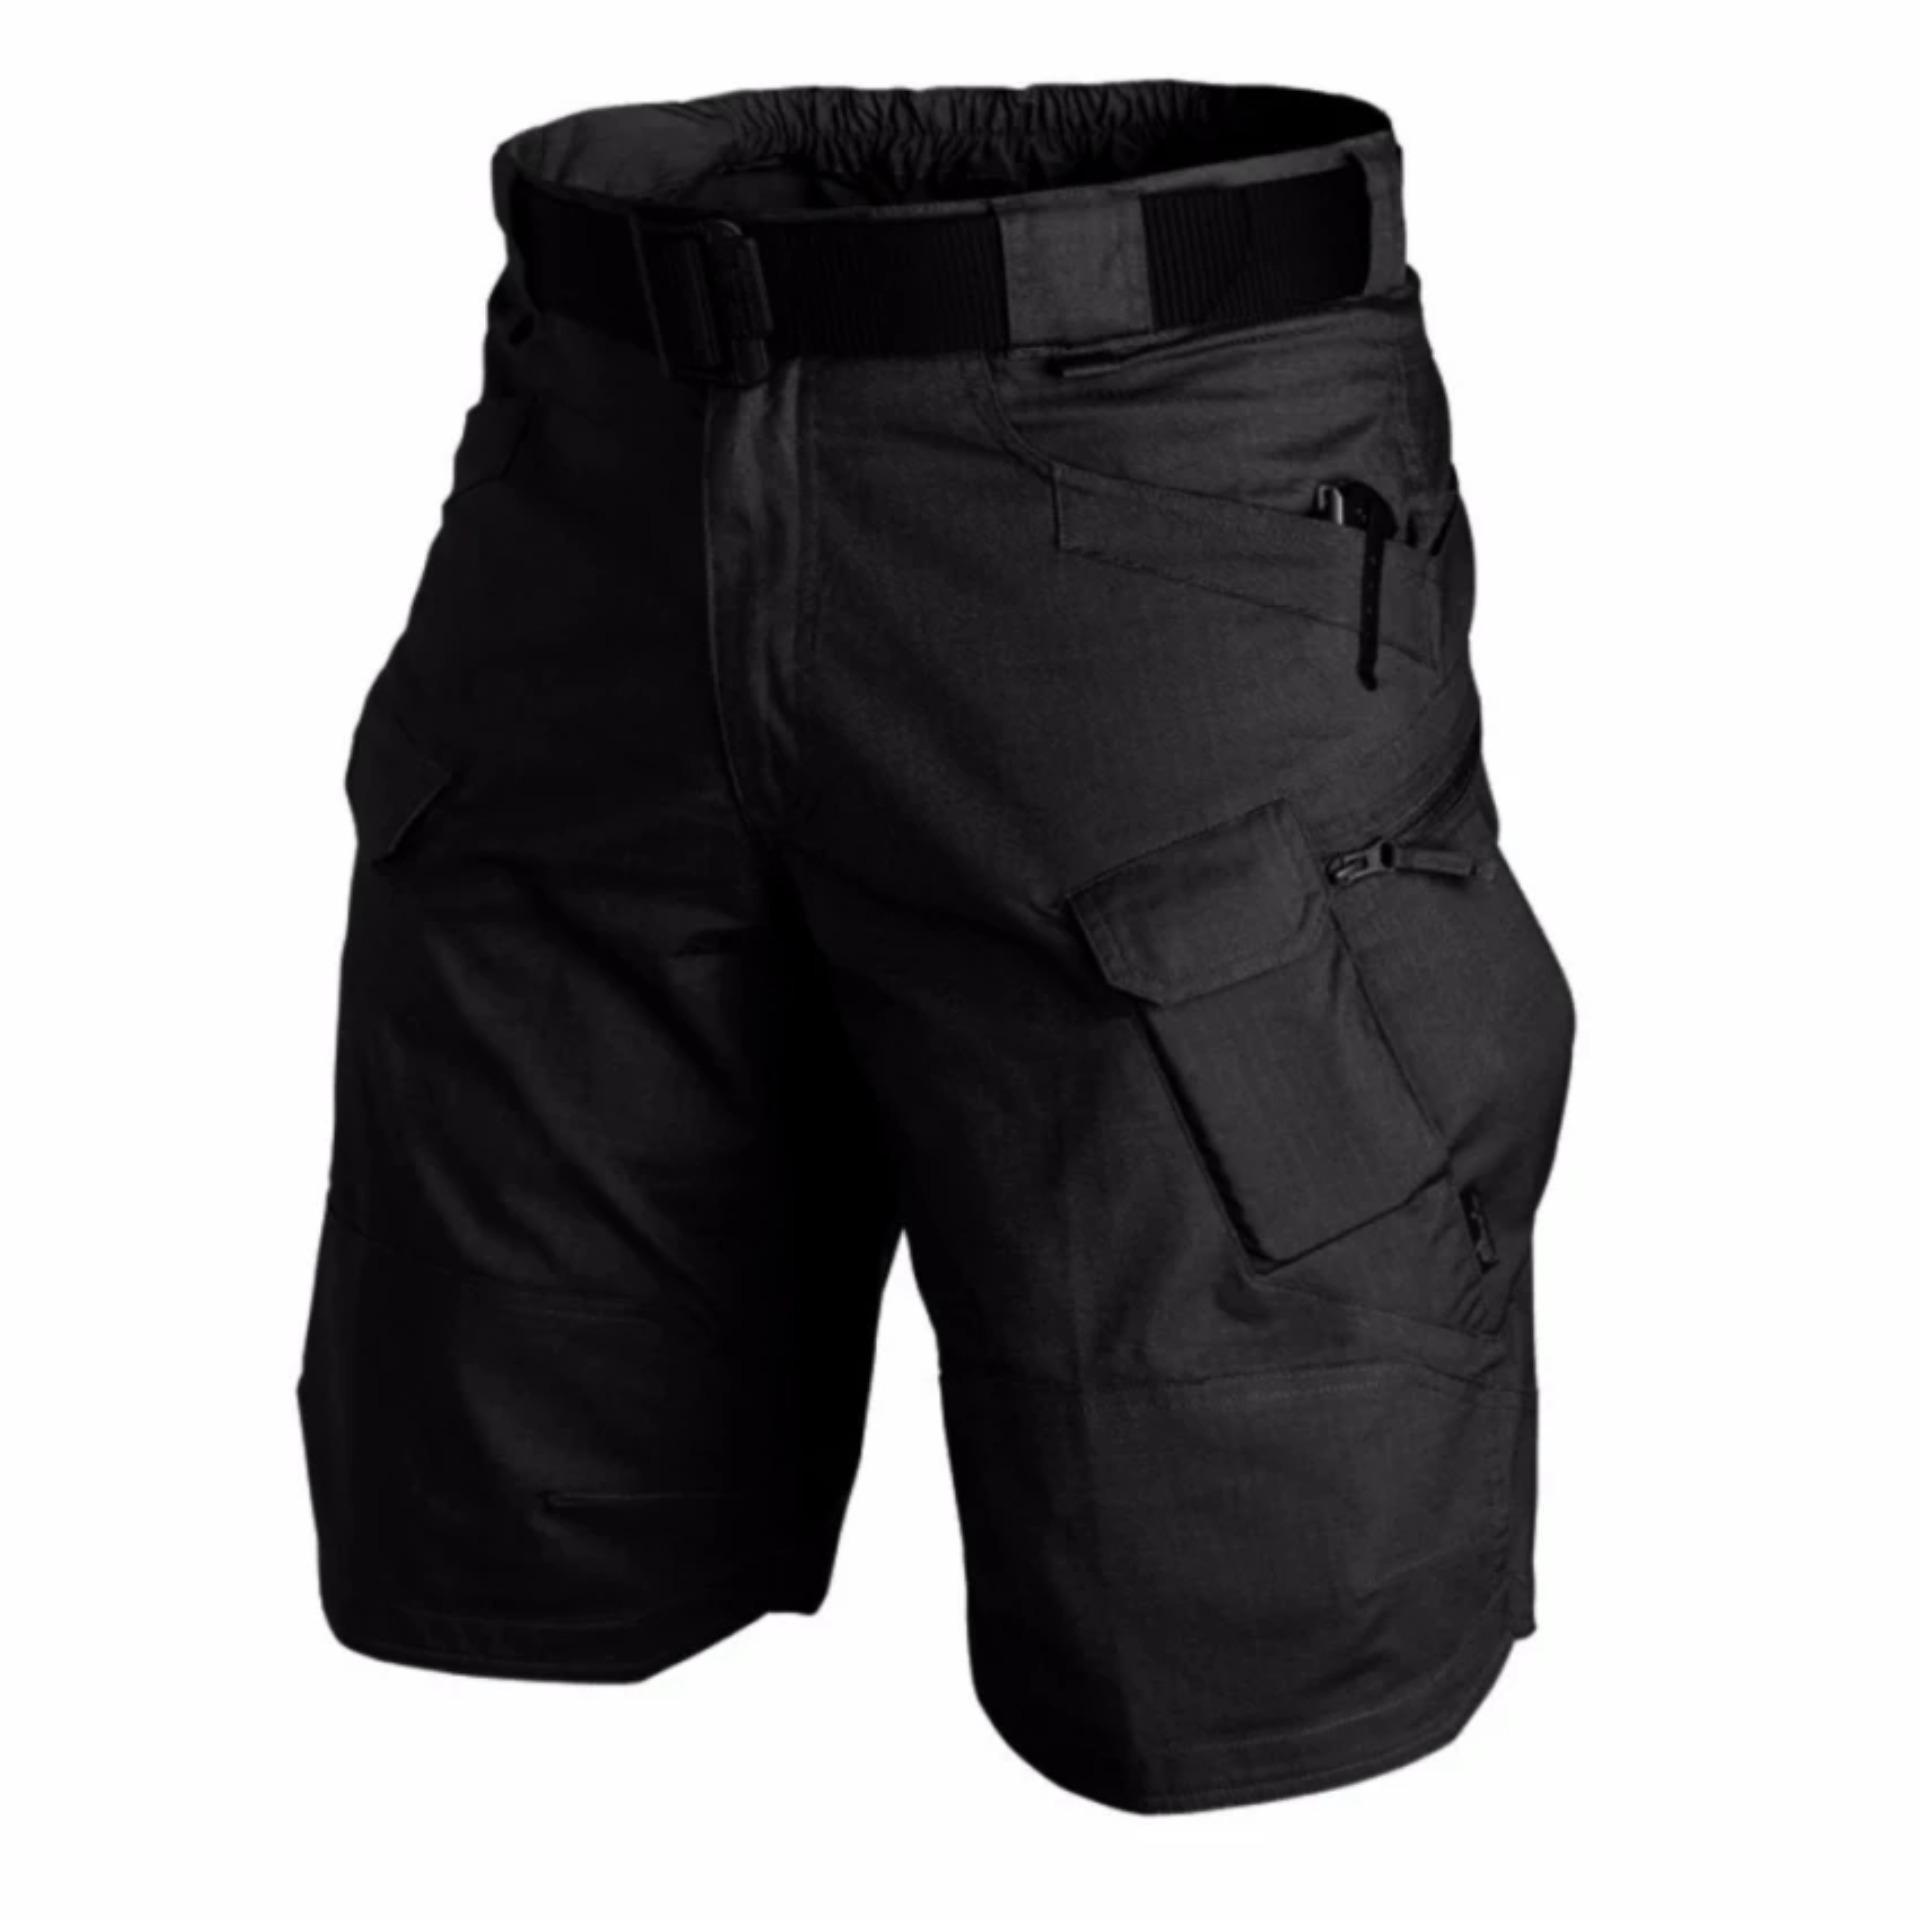 Spesifikasi Ds Celana Taktikal Pendek Hitam Yang Bagus Dan Murah